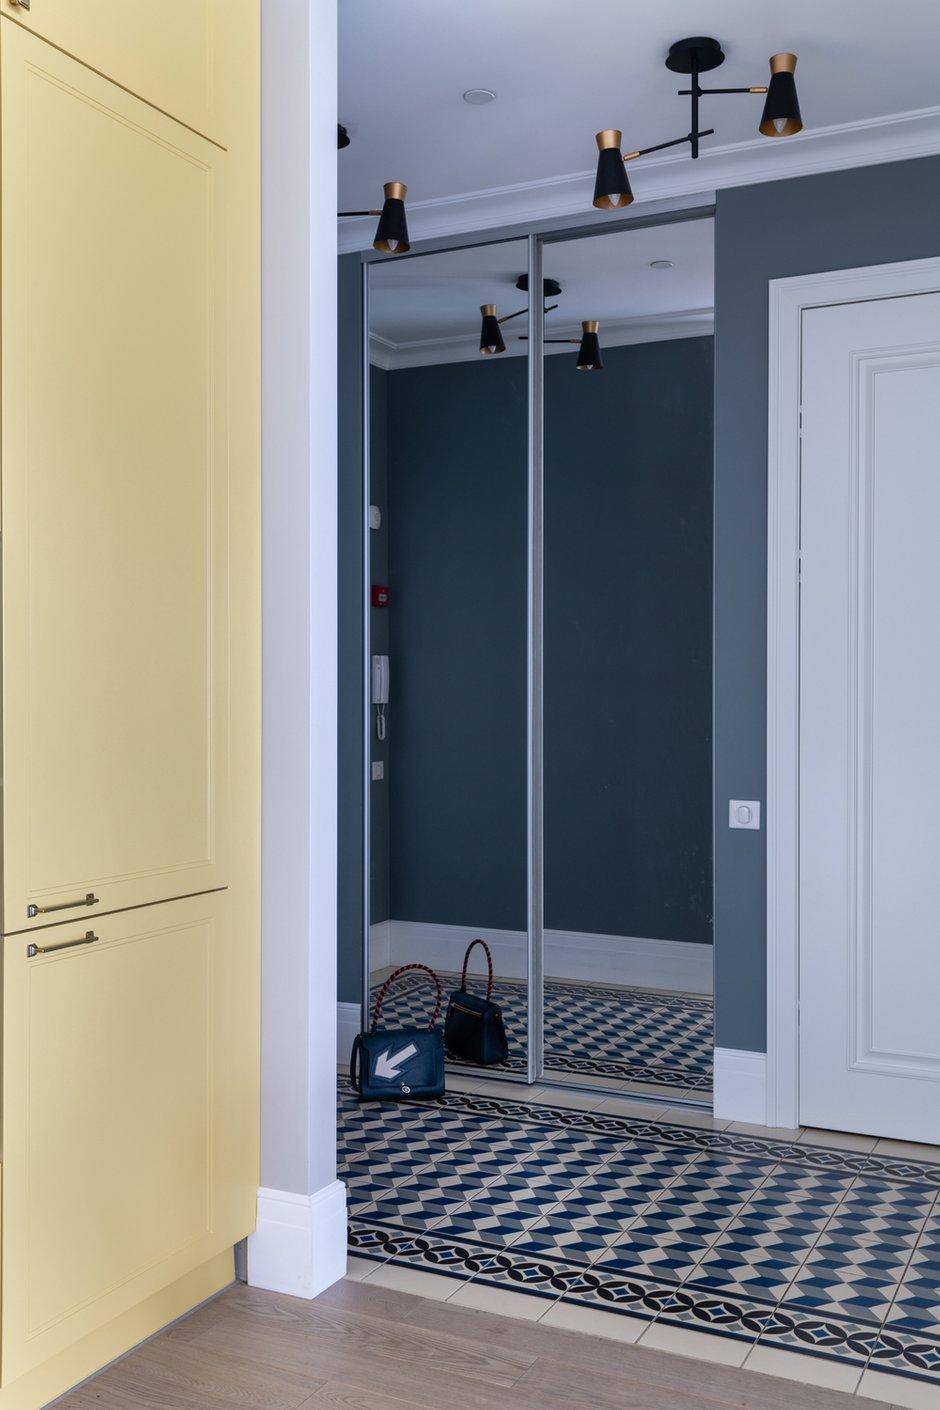 Шкаф-купе совсем не портит пространство, так как он максимально незаметен: зеркальные дверцы отражают окружающие стены и полы.